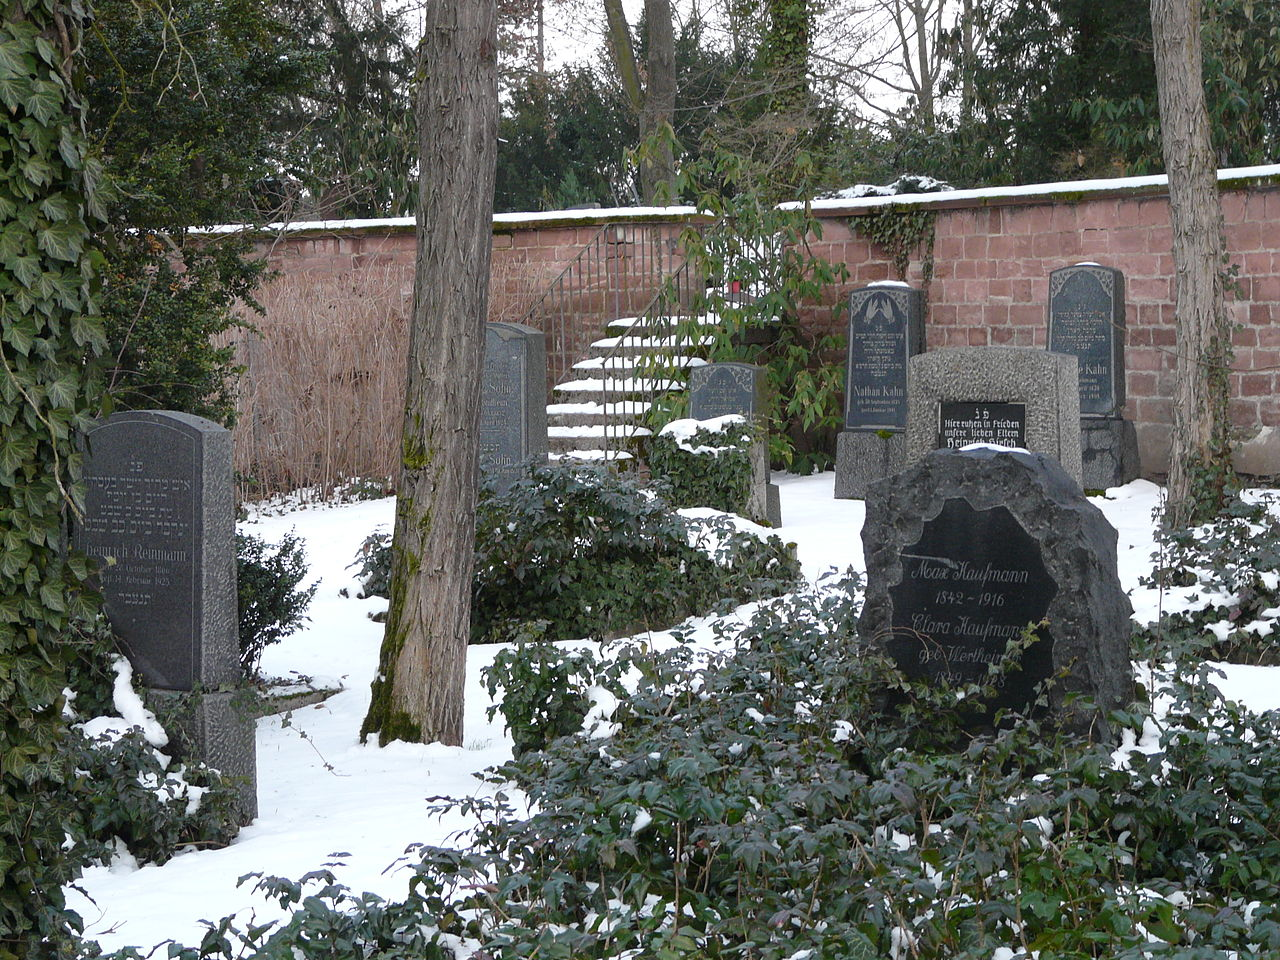 Jüdischer Friedhof Feudenheim Talstr 03 fcm.jpg